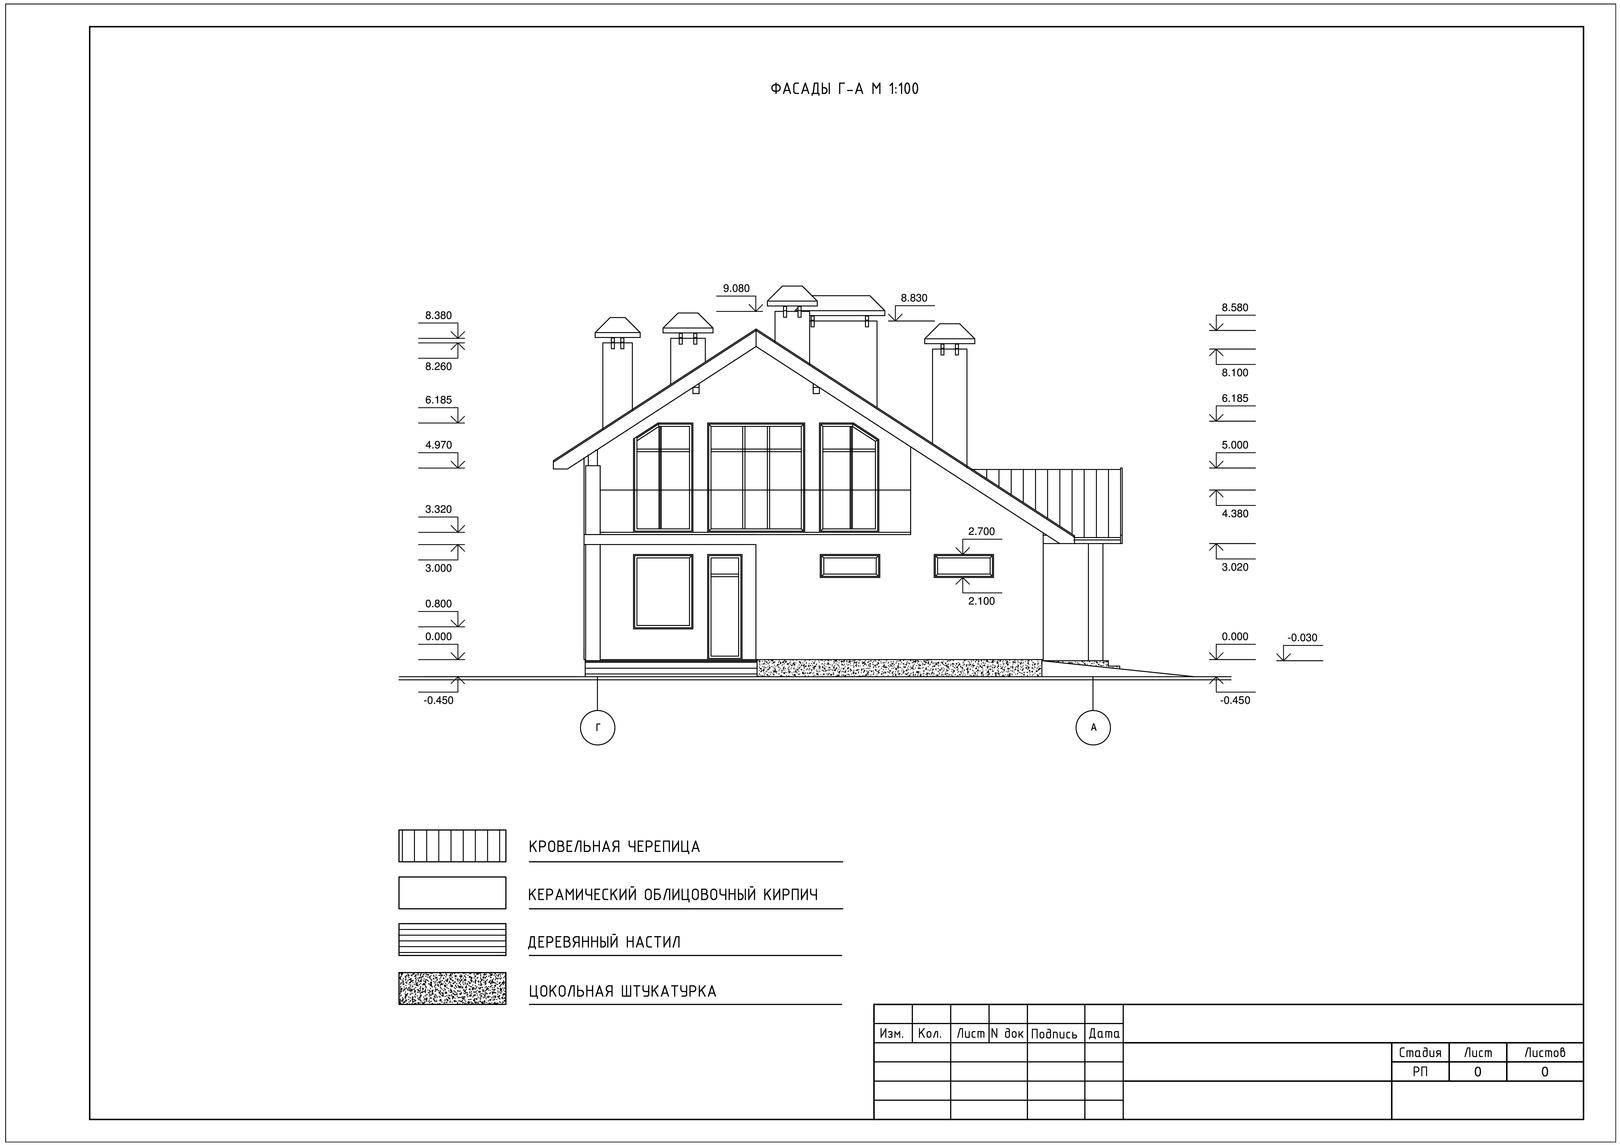 Можно ли сделать самому дизайн внутренней отделки дома? на сайте недвио